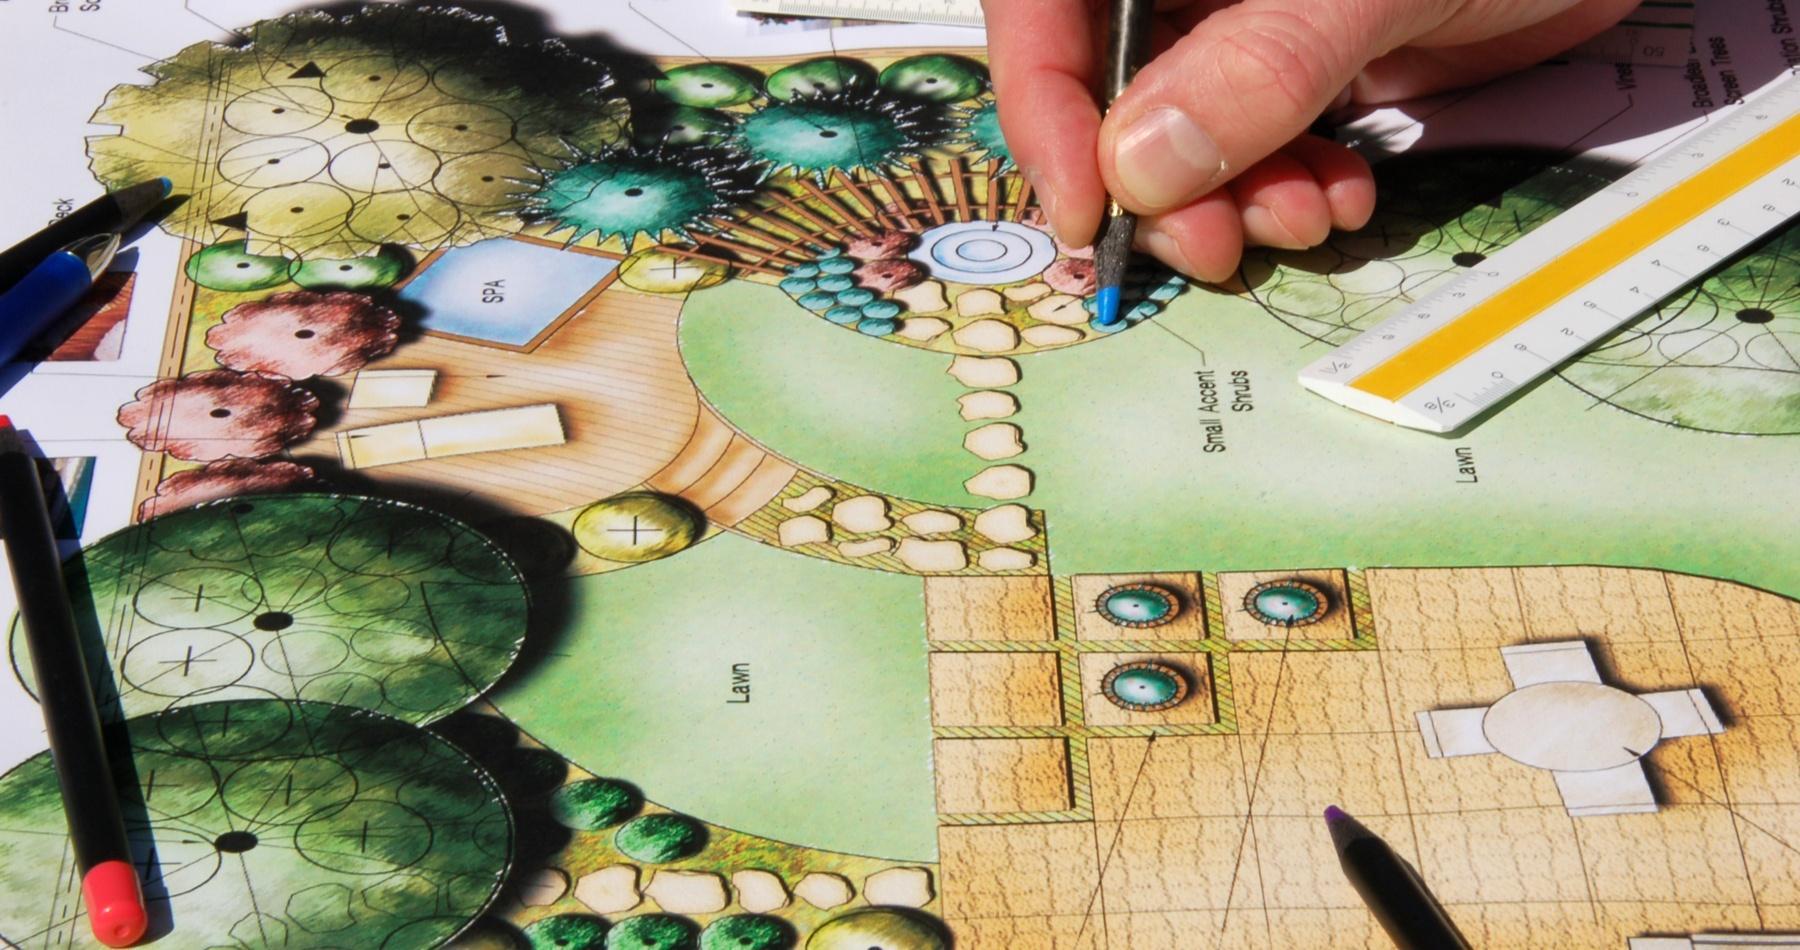 Garden getaway planning